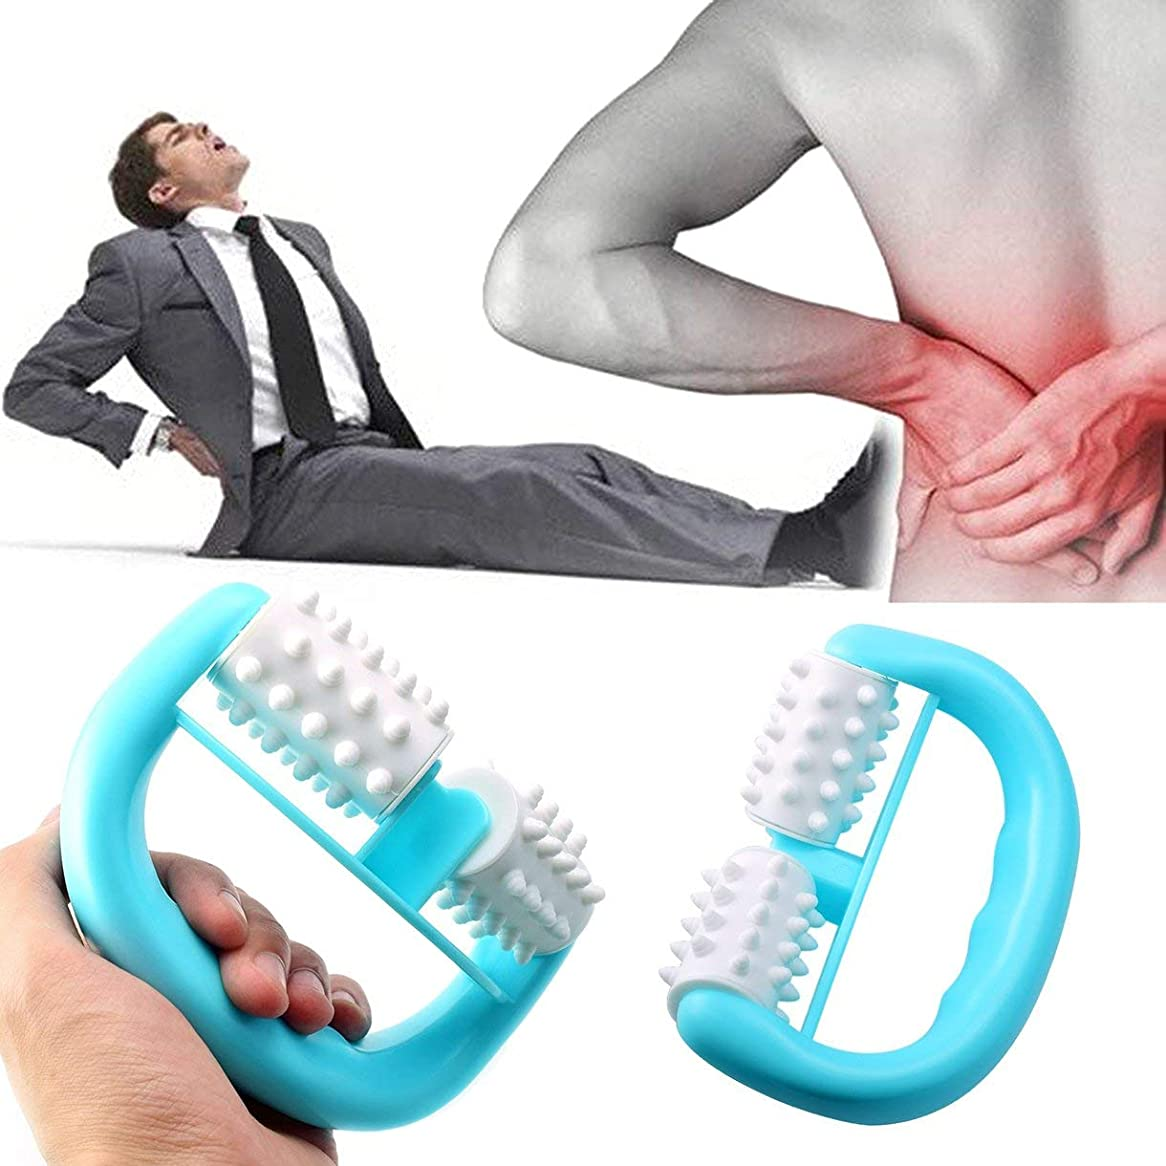 建設谷学校教育Handheld Full Body Anti Cellulite Massage Cell Roller Massager Mini Wheel Ball Foot Hand Body Neck Head Leg Pain Relief